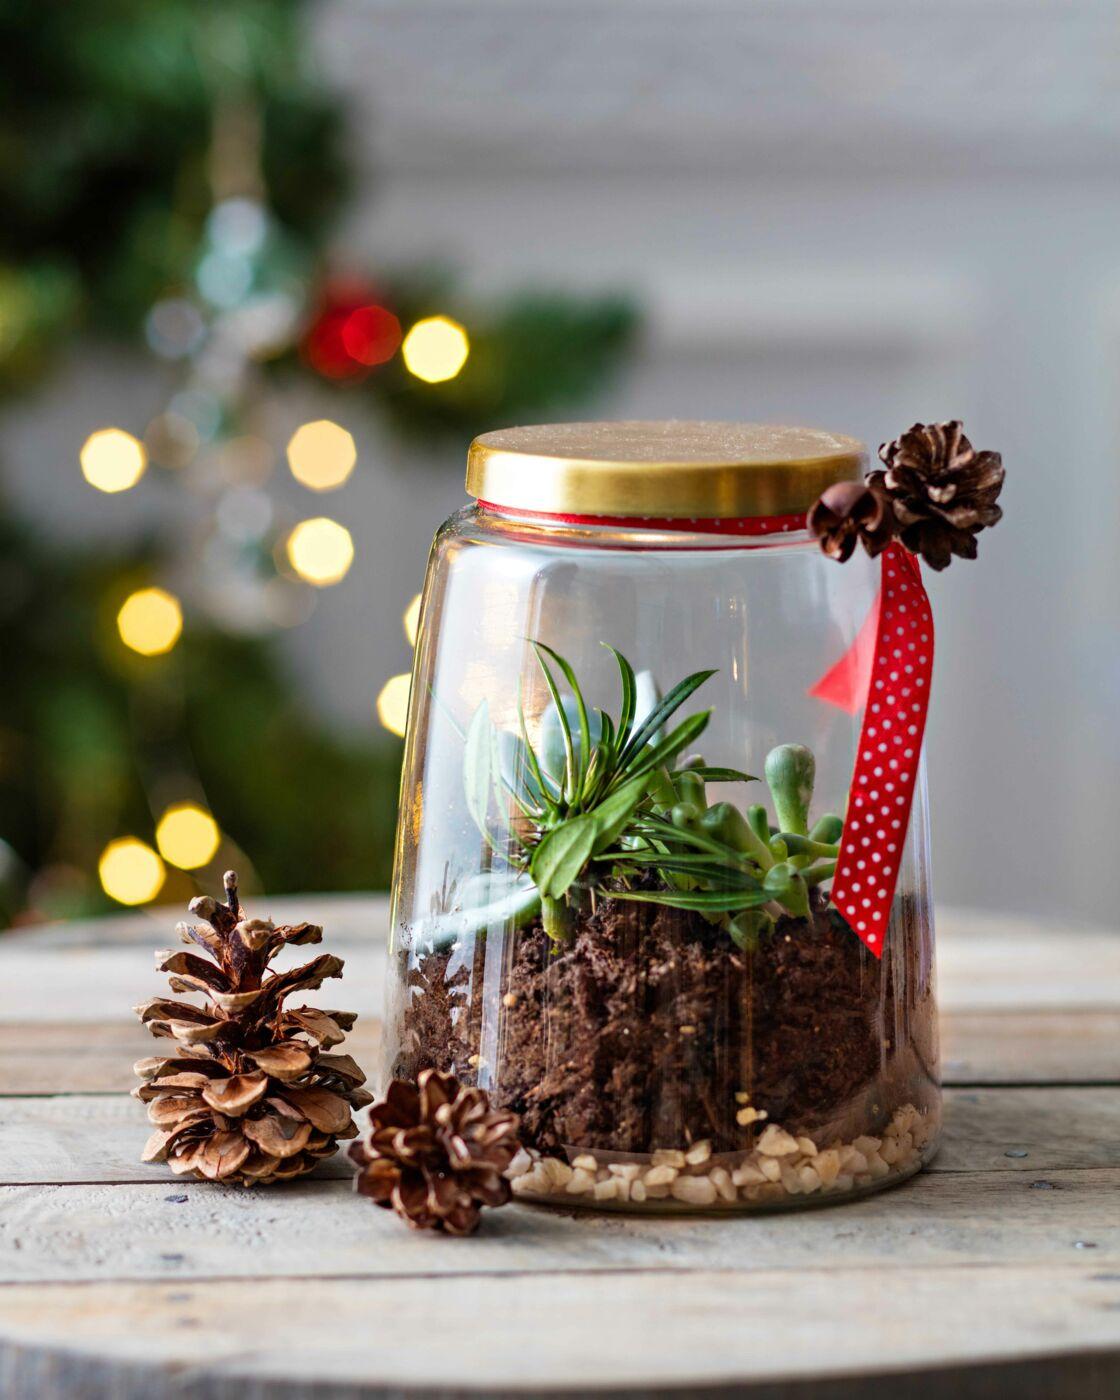 Cadeaux A Faire Soi Meme : cadeaux, faire, Cadeaux, Noël, Faire, Soi-même, Meilleures, Idées, Faciles, Femme, Actuelle